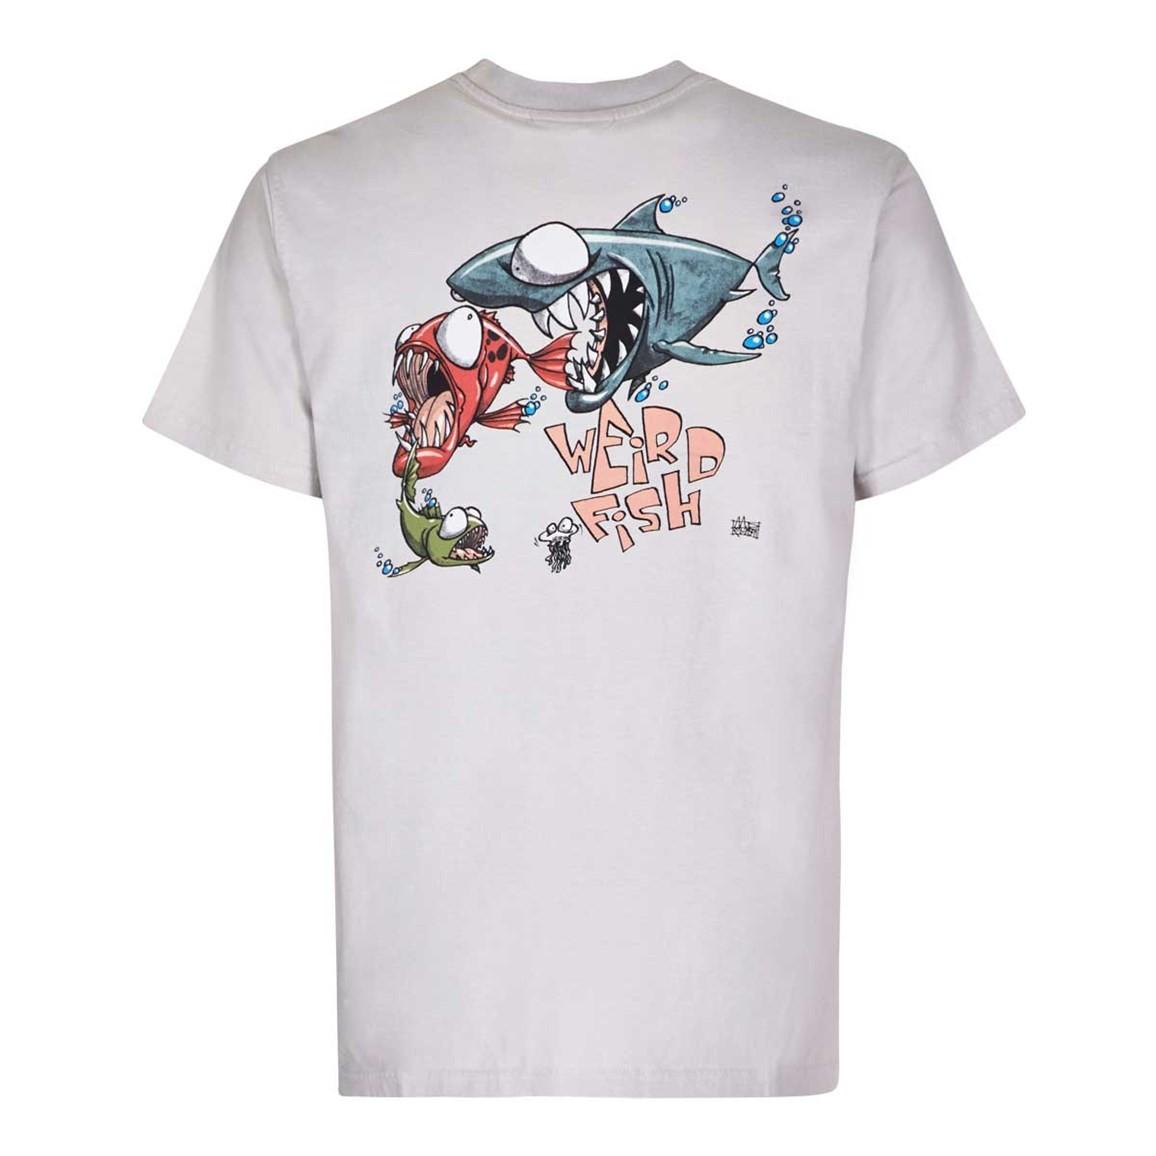 Weird fish fish eat fish artist t shirt ebay for Weird fish t shirts